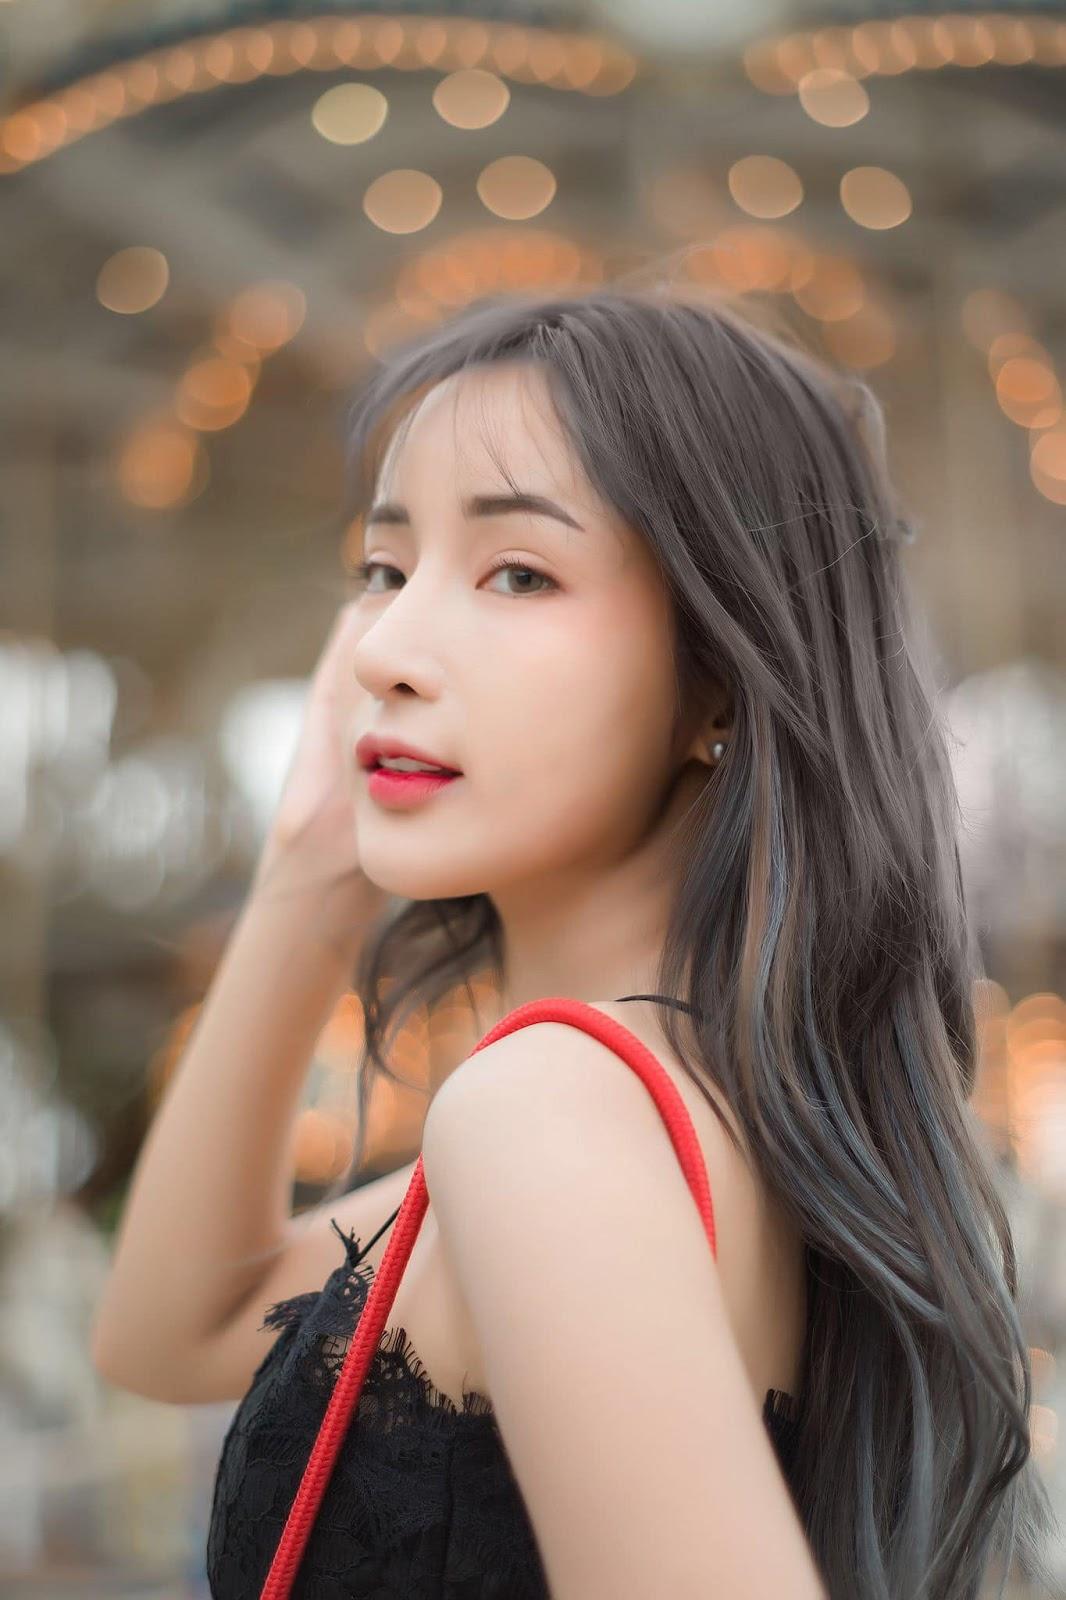 Thailand Hot Girl - Thanyarat Charoenpornkittada - My Memory Childhood Park - TruePic.net - Picture 2